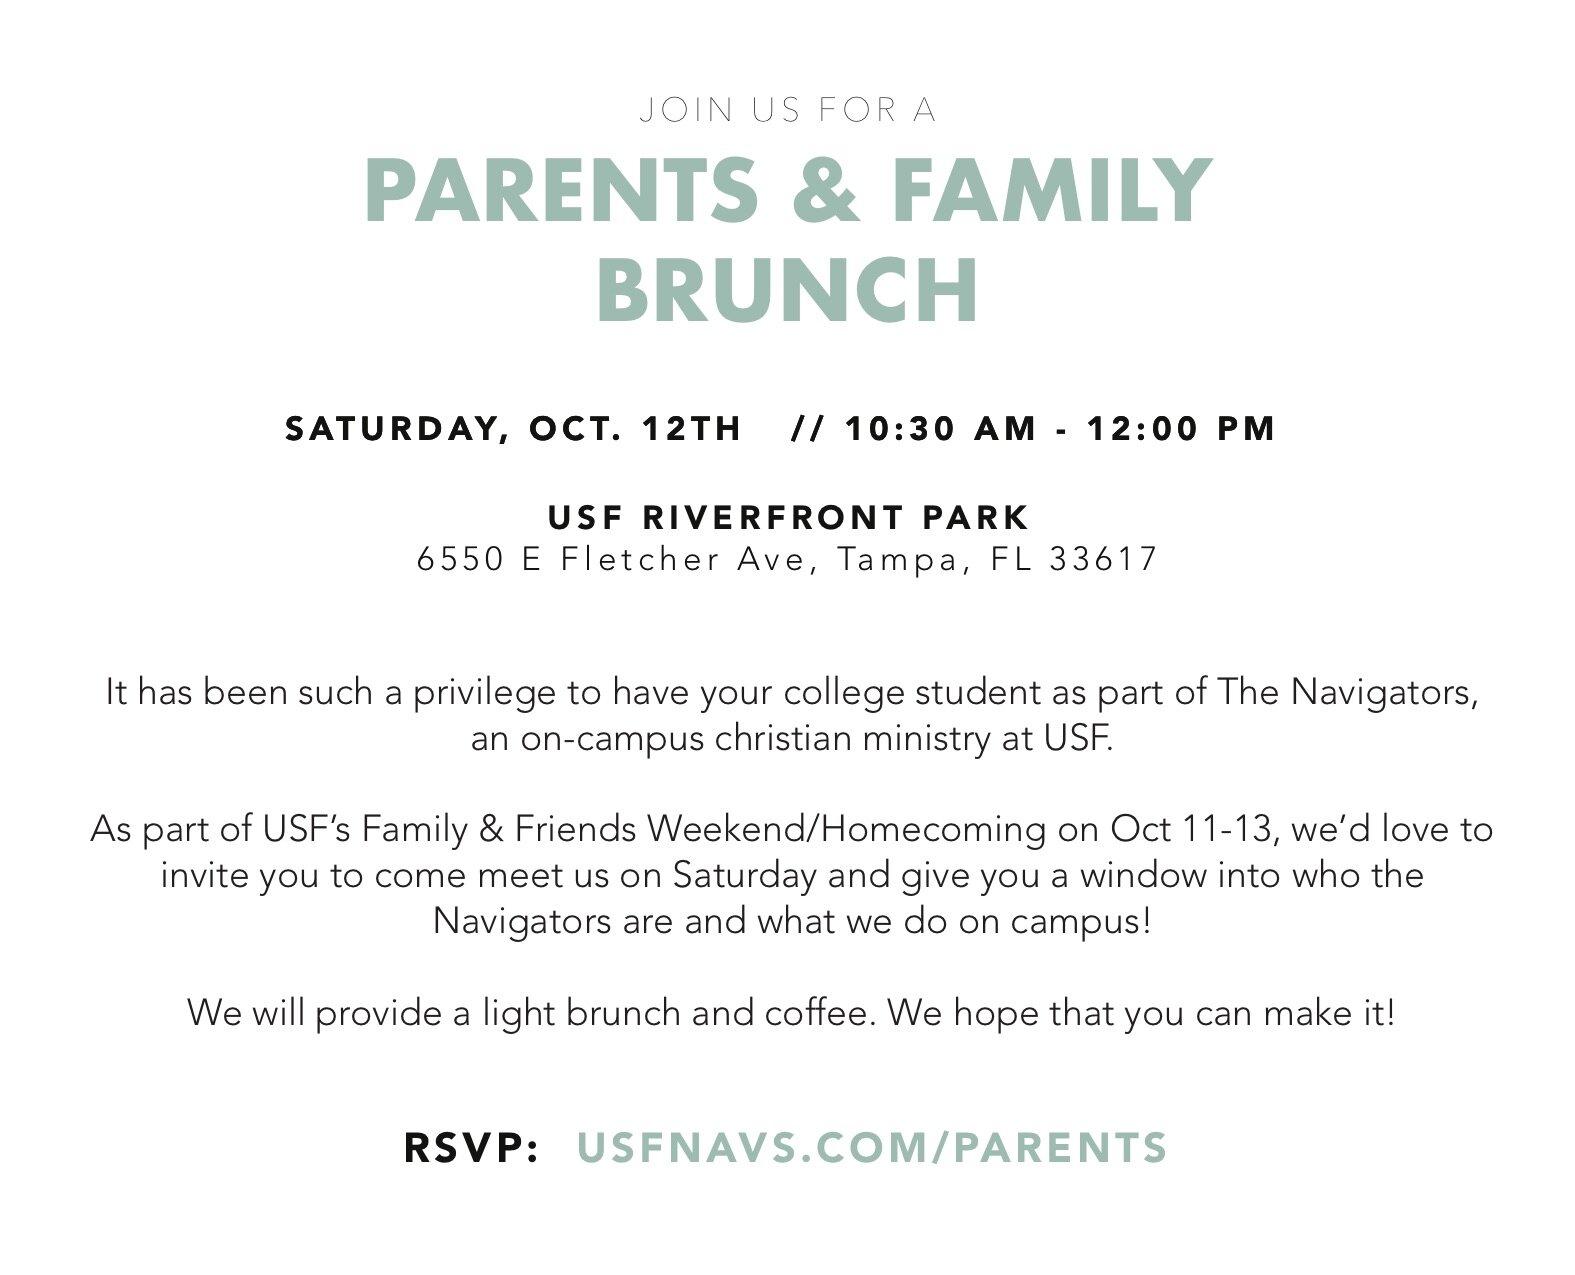 Parents & Family Breakfast Invite.jpg